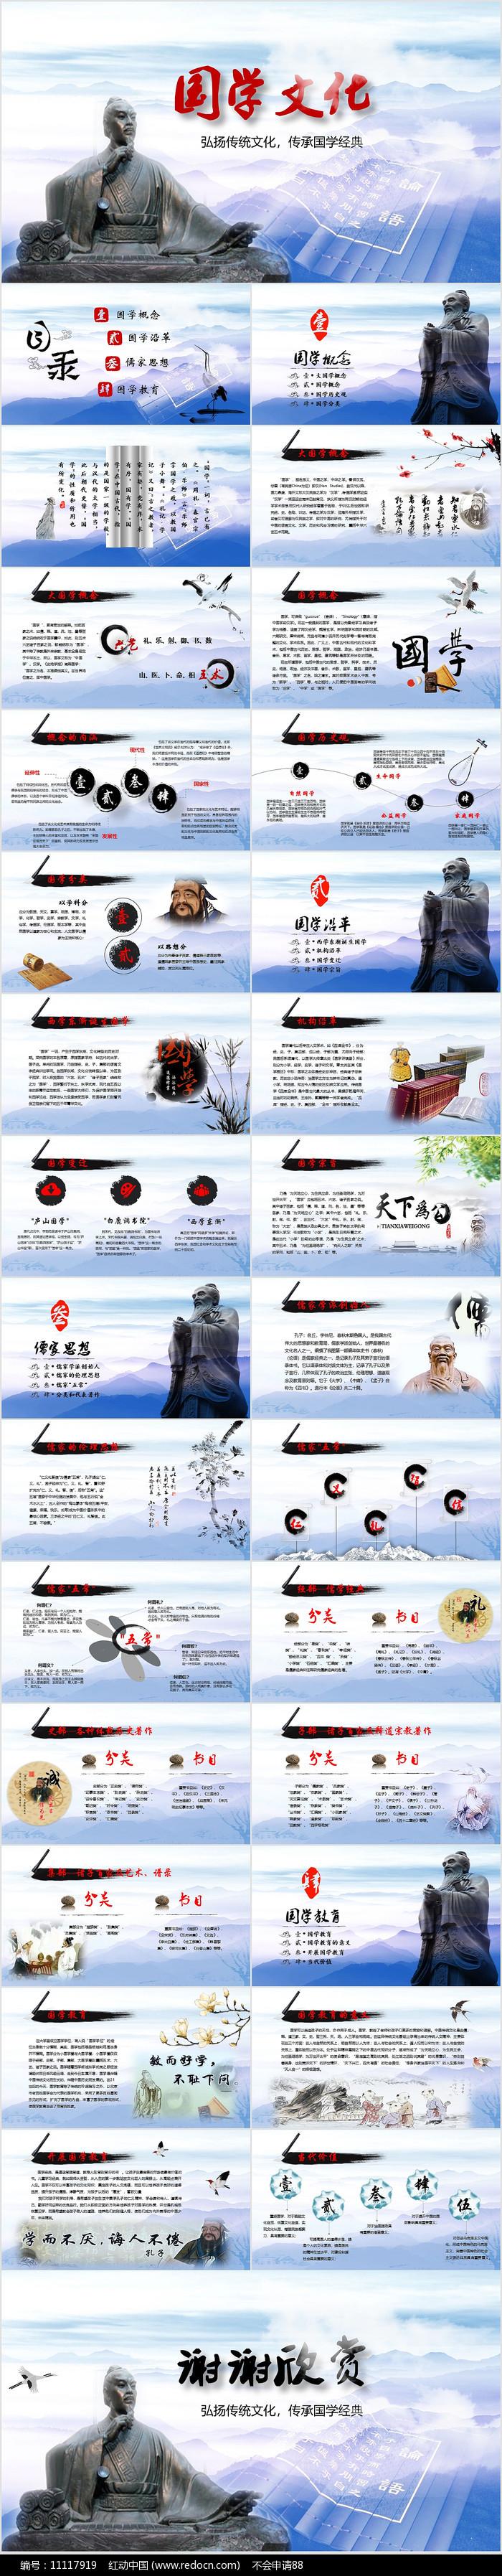 水墨中国风中国传统文化国学经典道德讲堂PPT图片